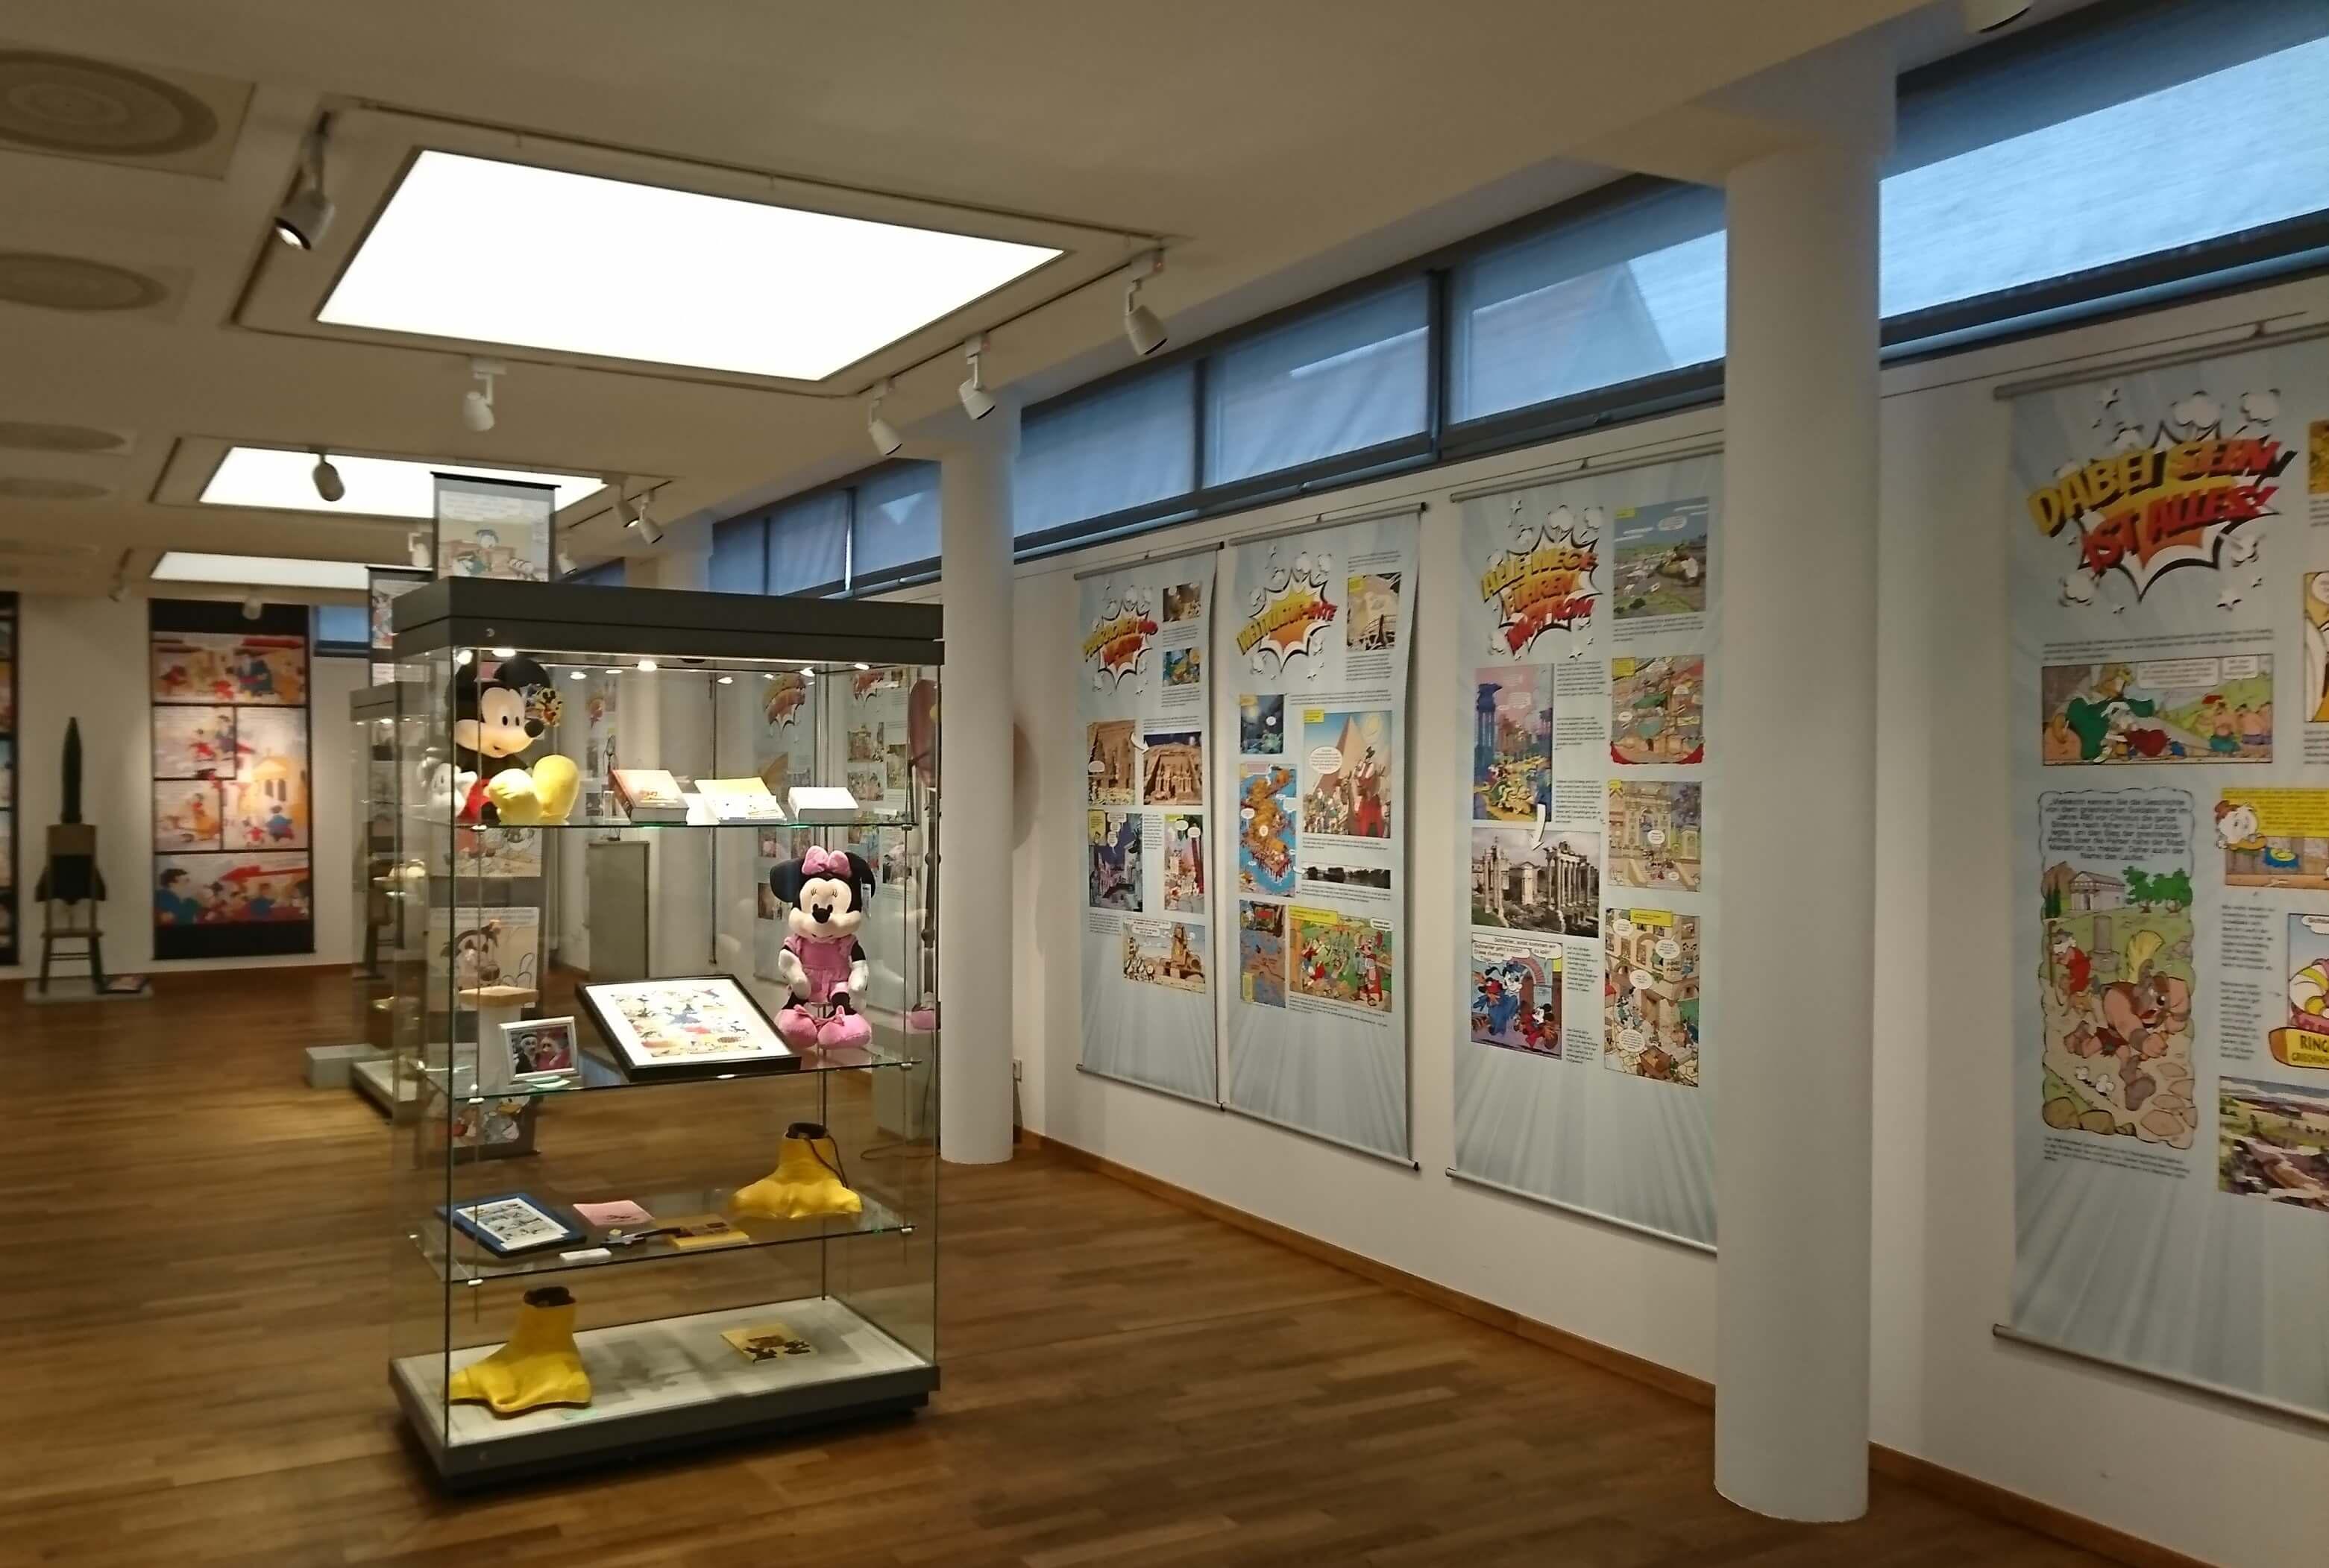 Ausstellungsraum im Museum Schloss Fechenheim in Dieburg bei dr Ausstellung Entike